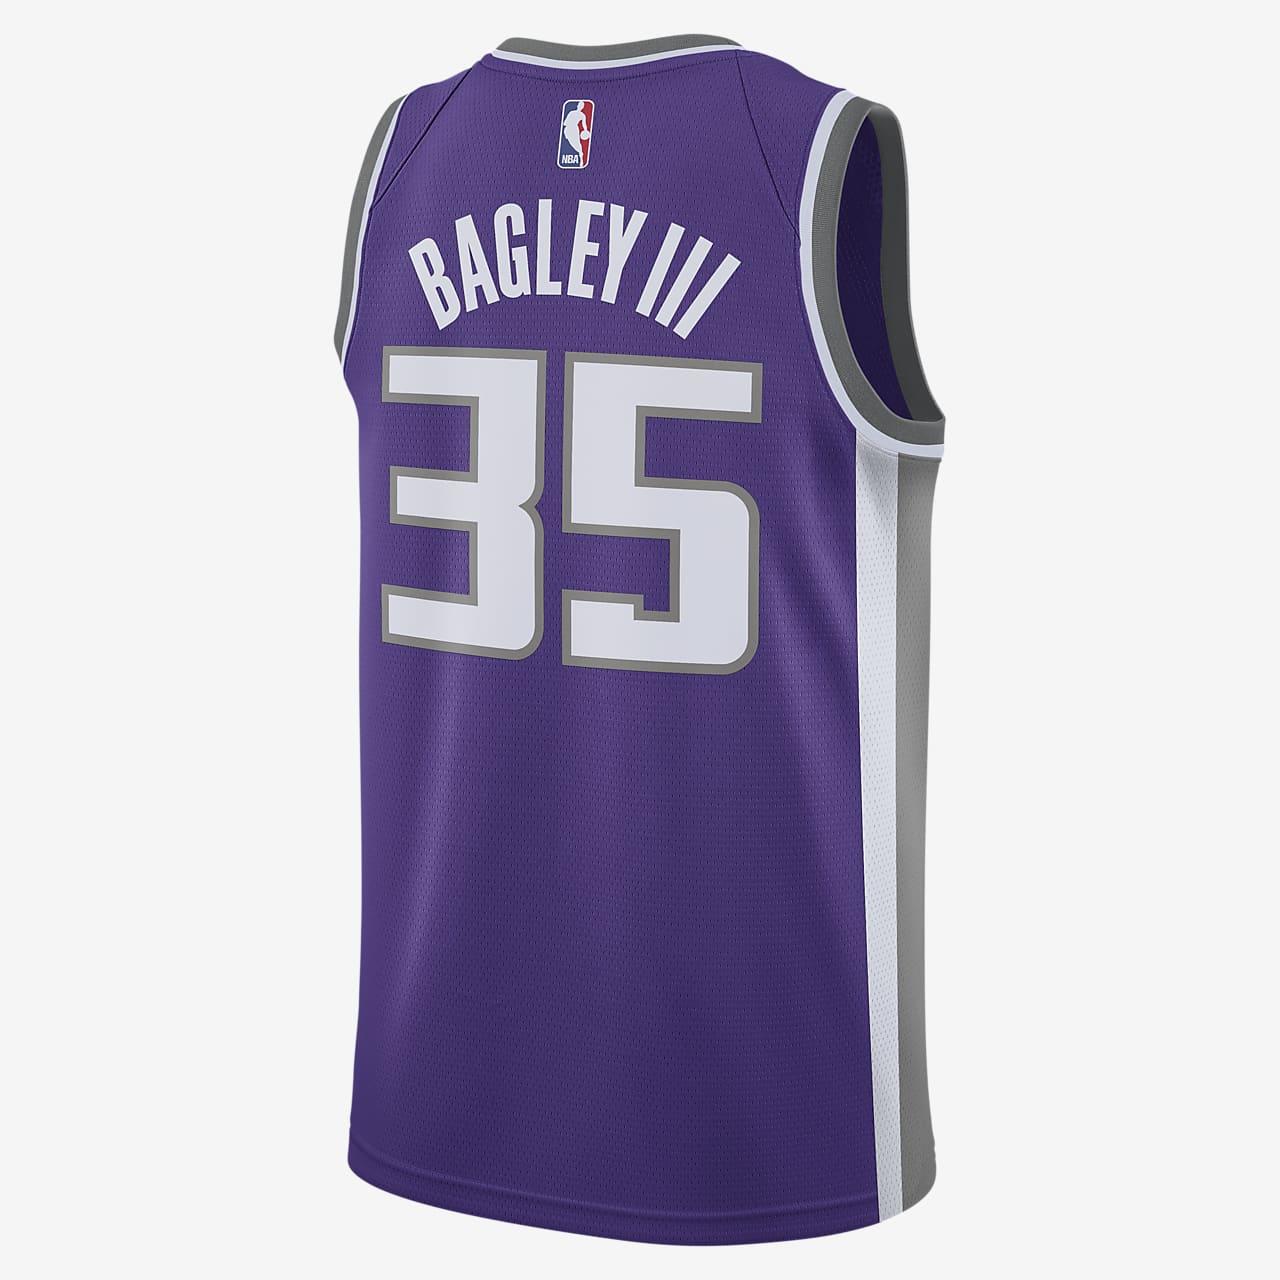 dise/ño retro con texto en ingl/és Youth Pacers #11 Jr Sabonis Sabonis camiseta de entrenamiento de malla transpirable bordada Camiseta de baloncesto para hombre